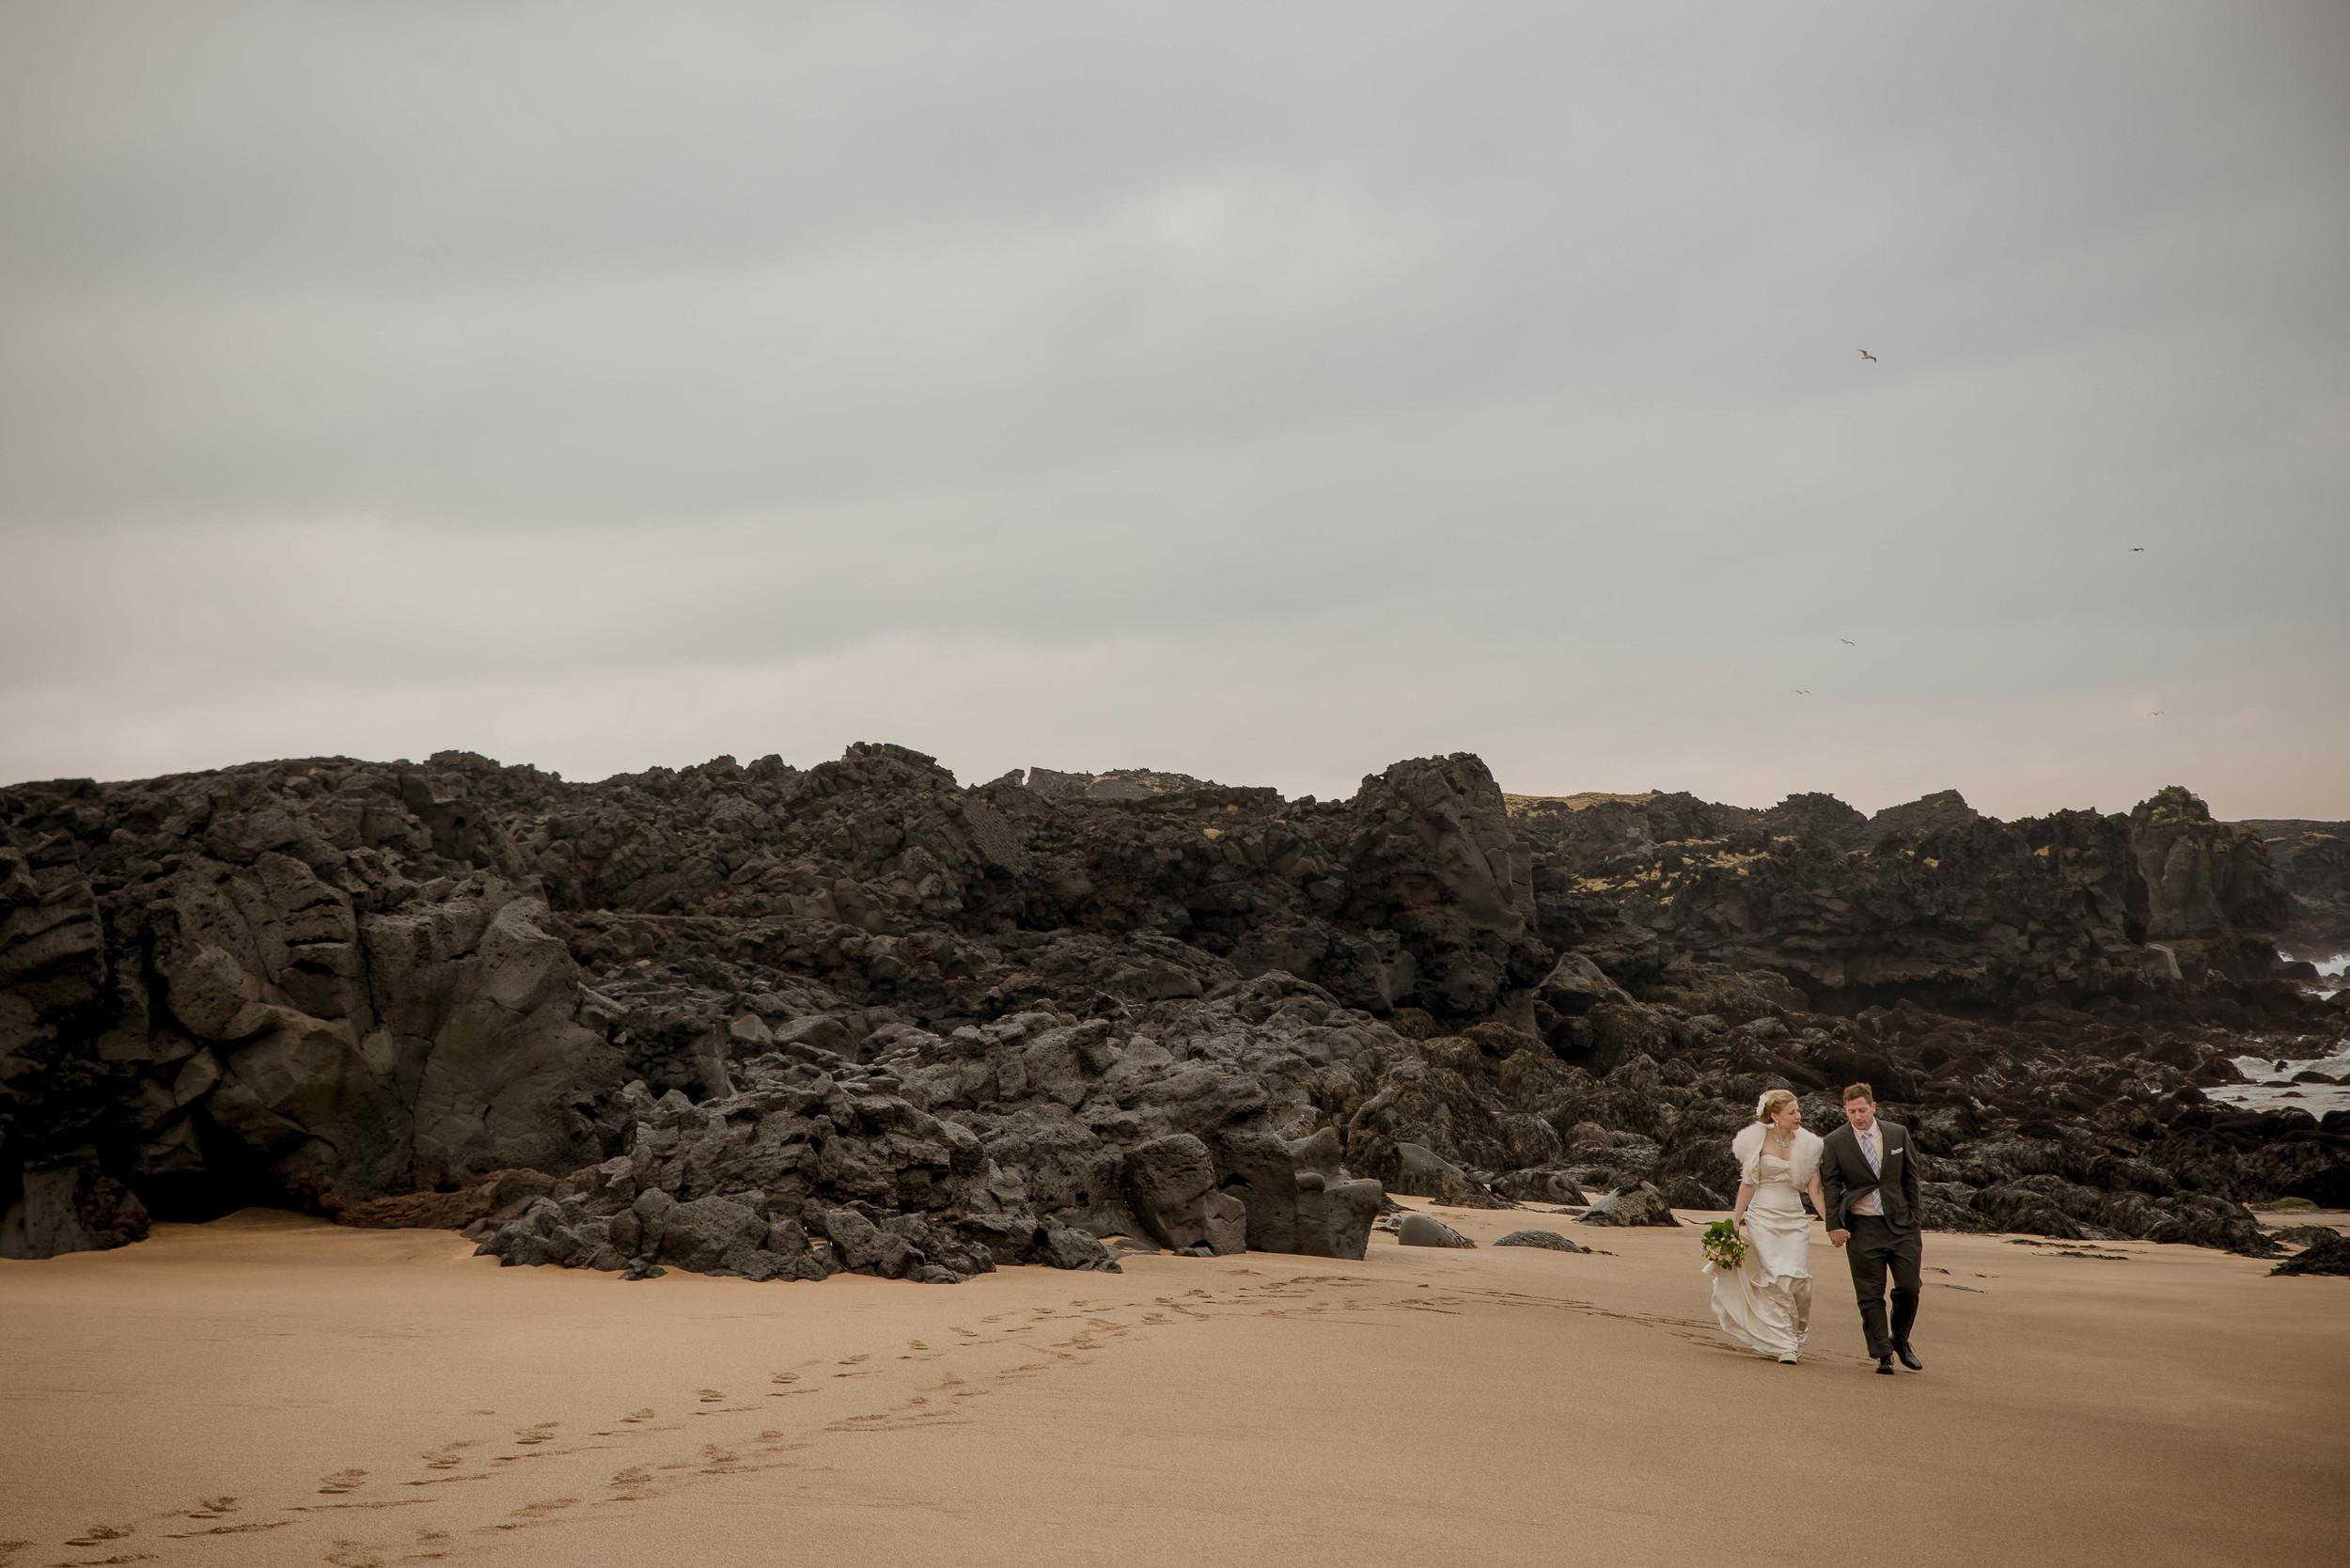 Iceland-Wedding-Photographer-Photos-by-Miss-Ann-25.jpg